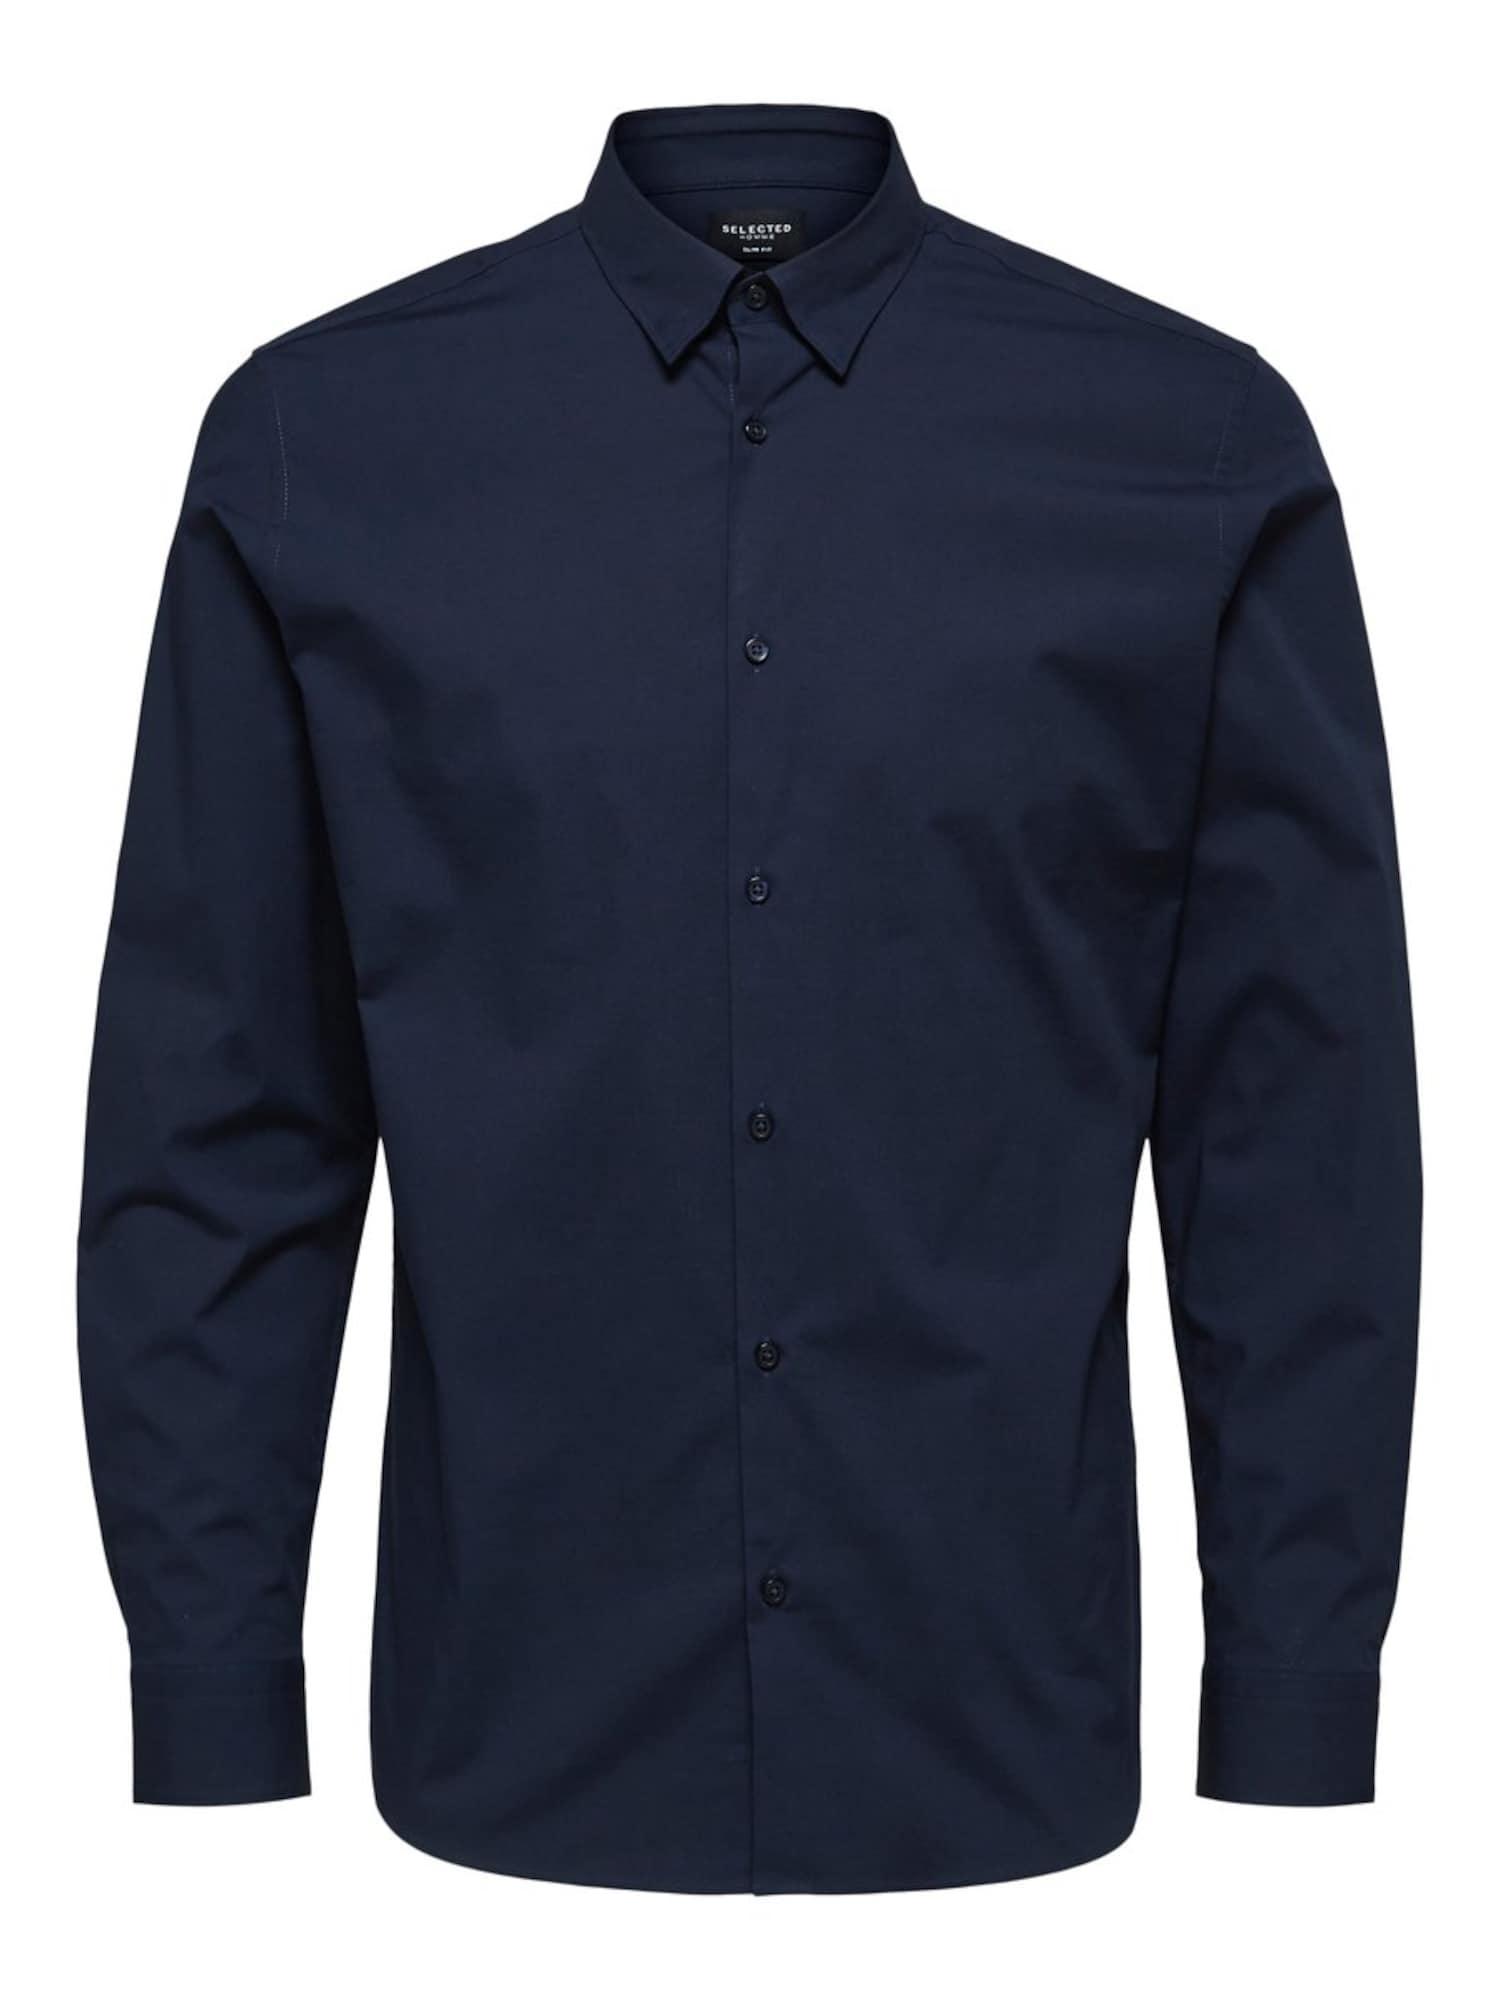 SELECTED HOMME Dalykinio stiliaus marškiniai tamsiai mėlyna